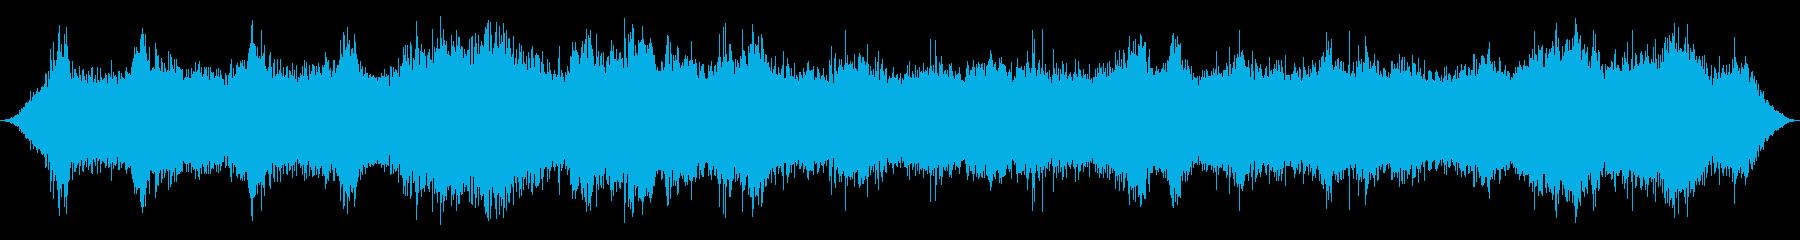 リバーラピッズ:中流量、ヘビーチョ...の再生済みの波形